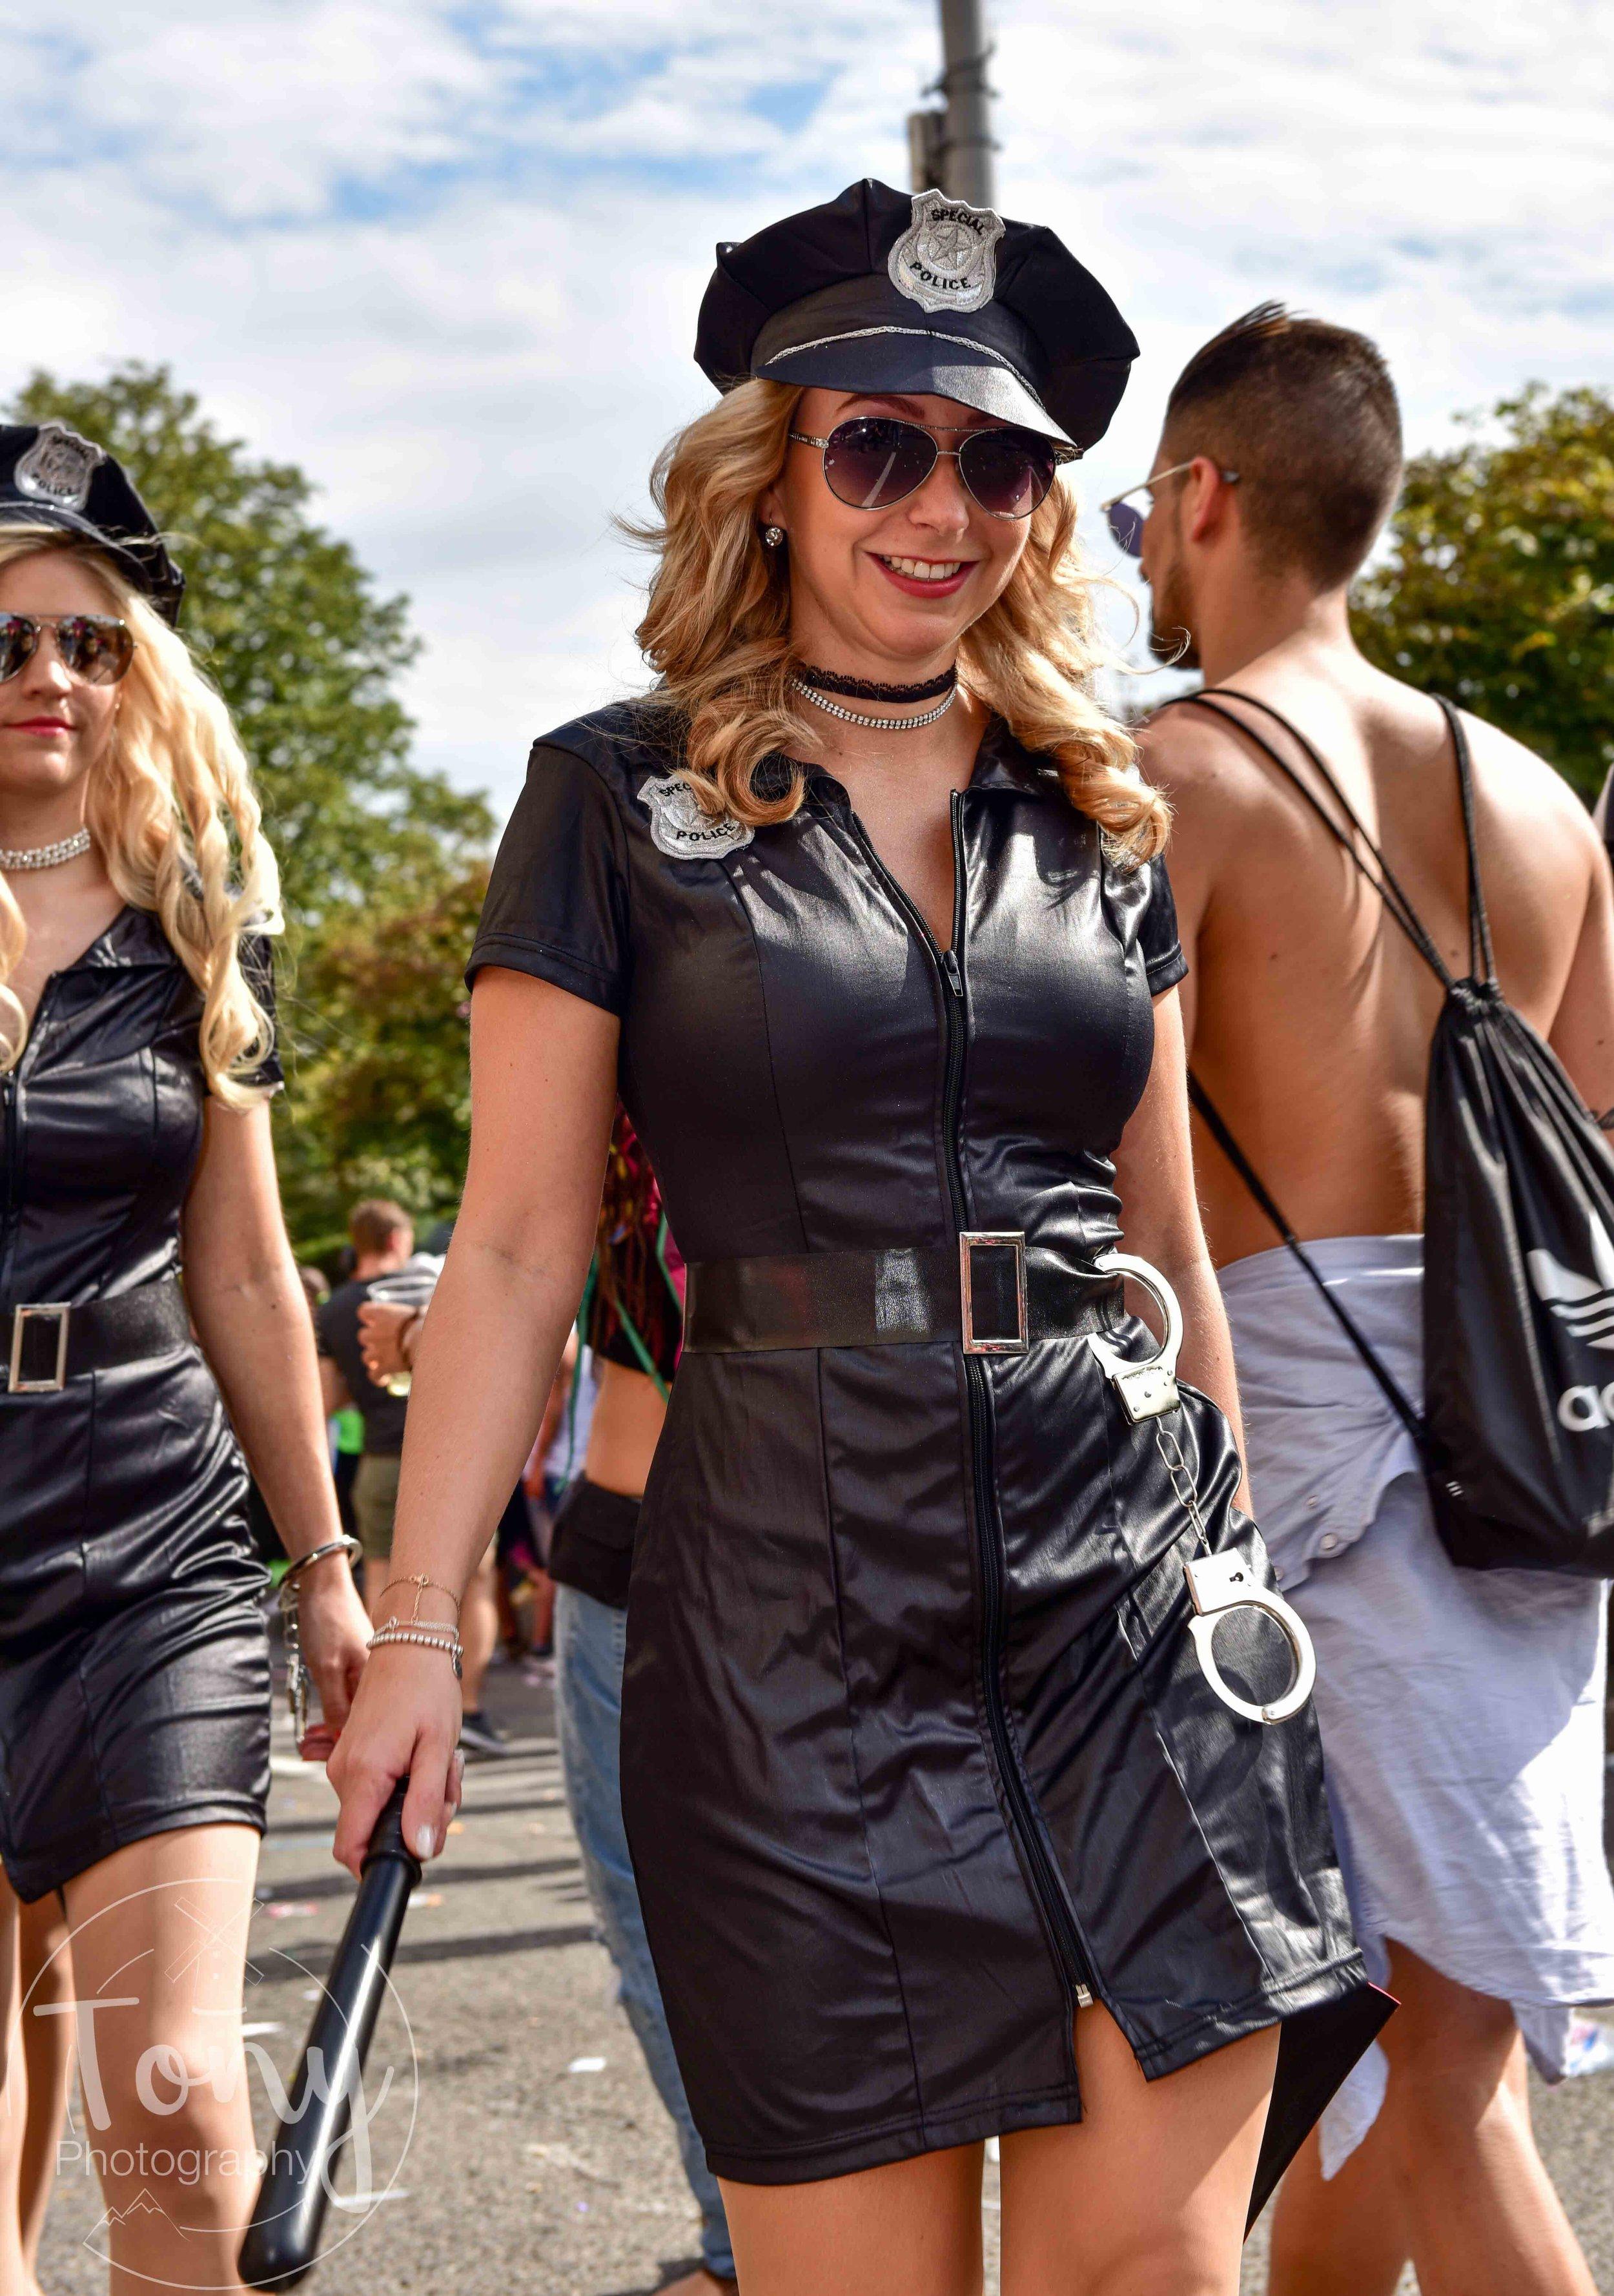 streetparade-168.jpg